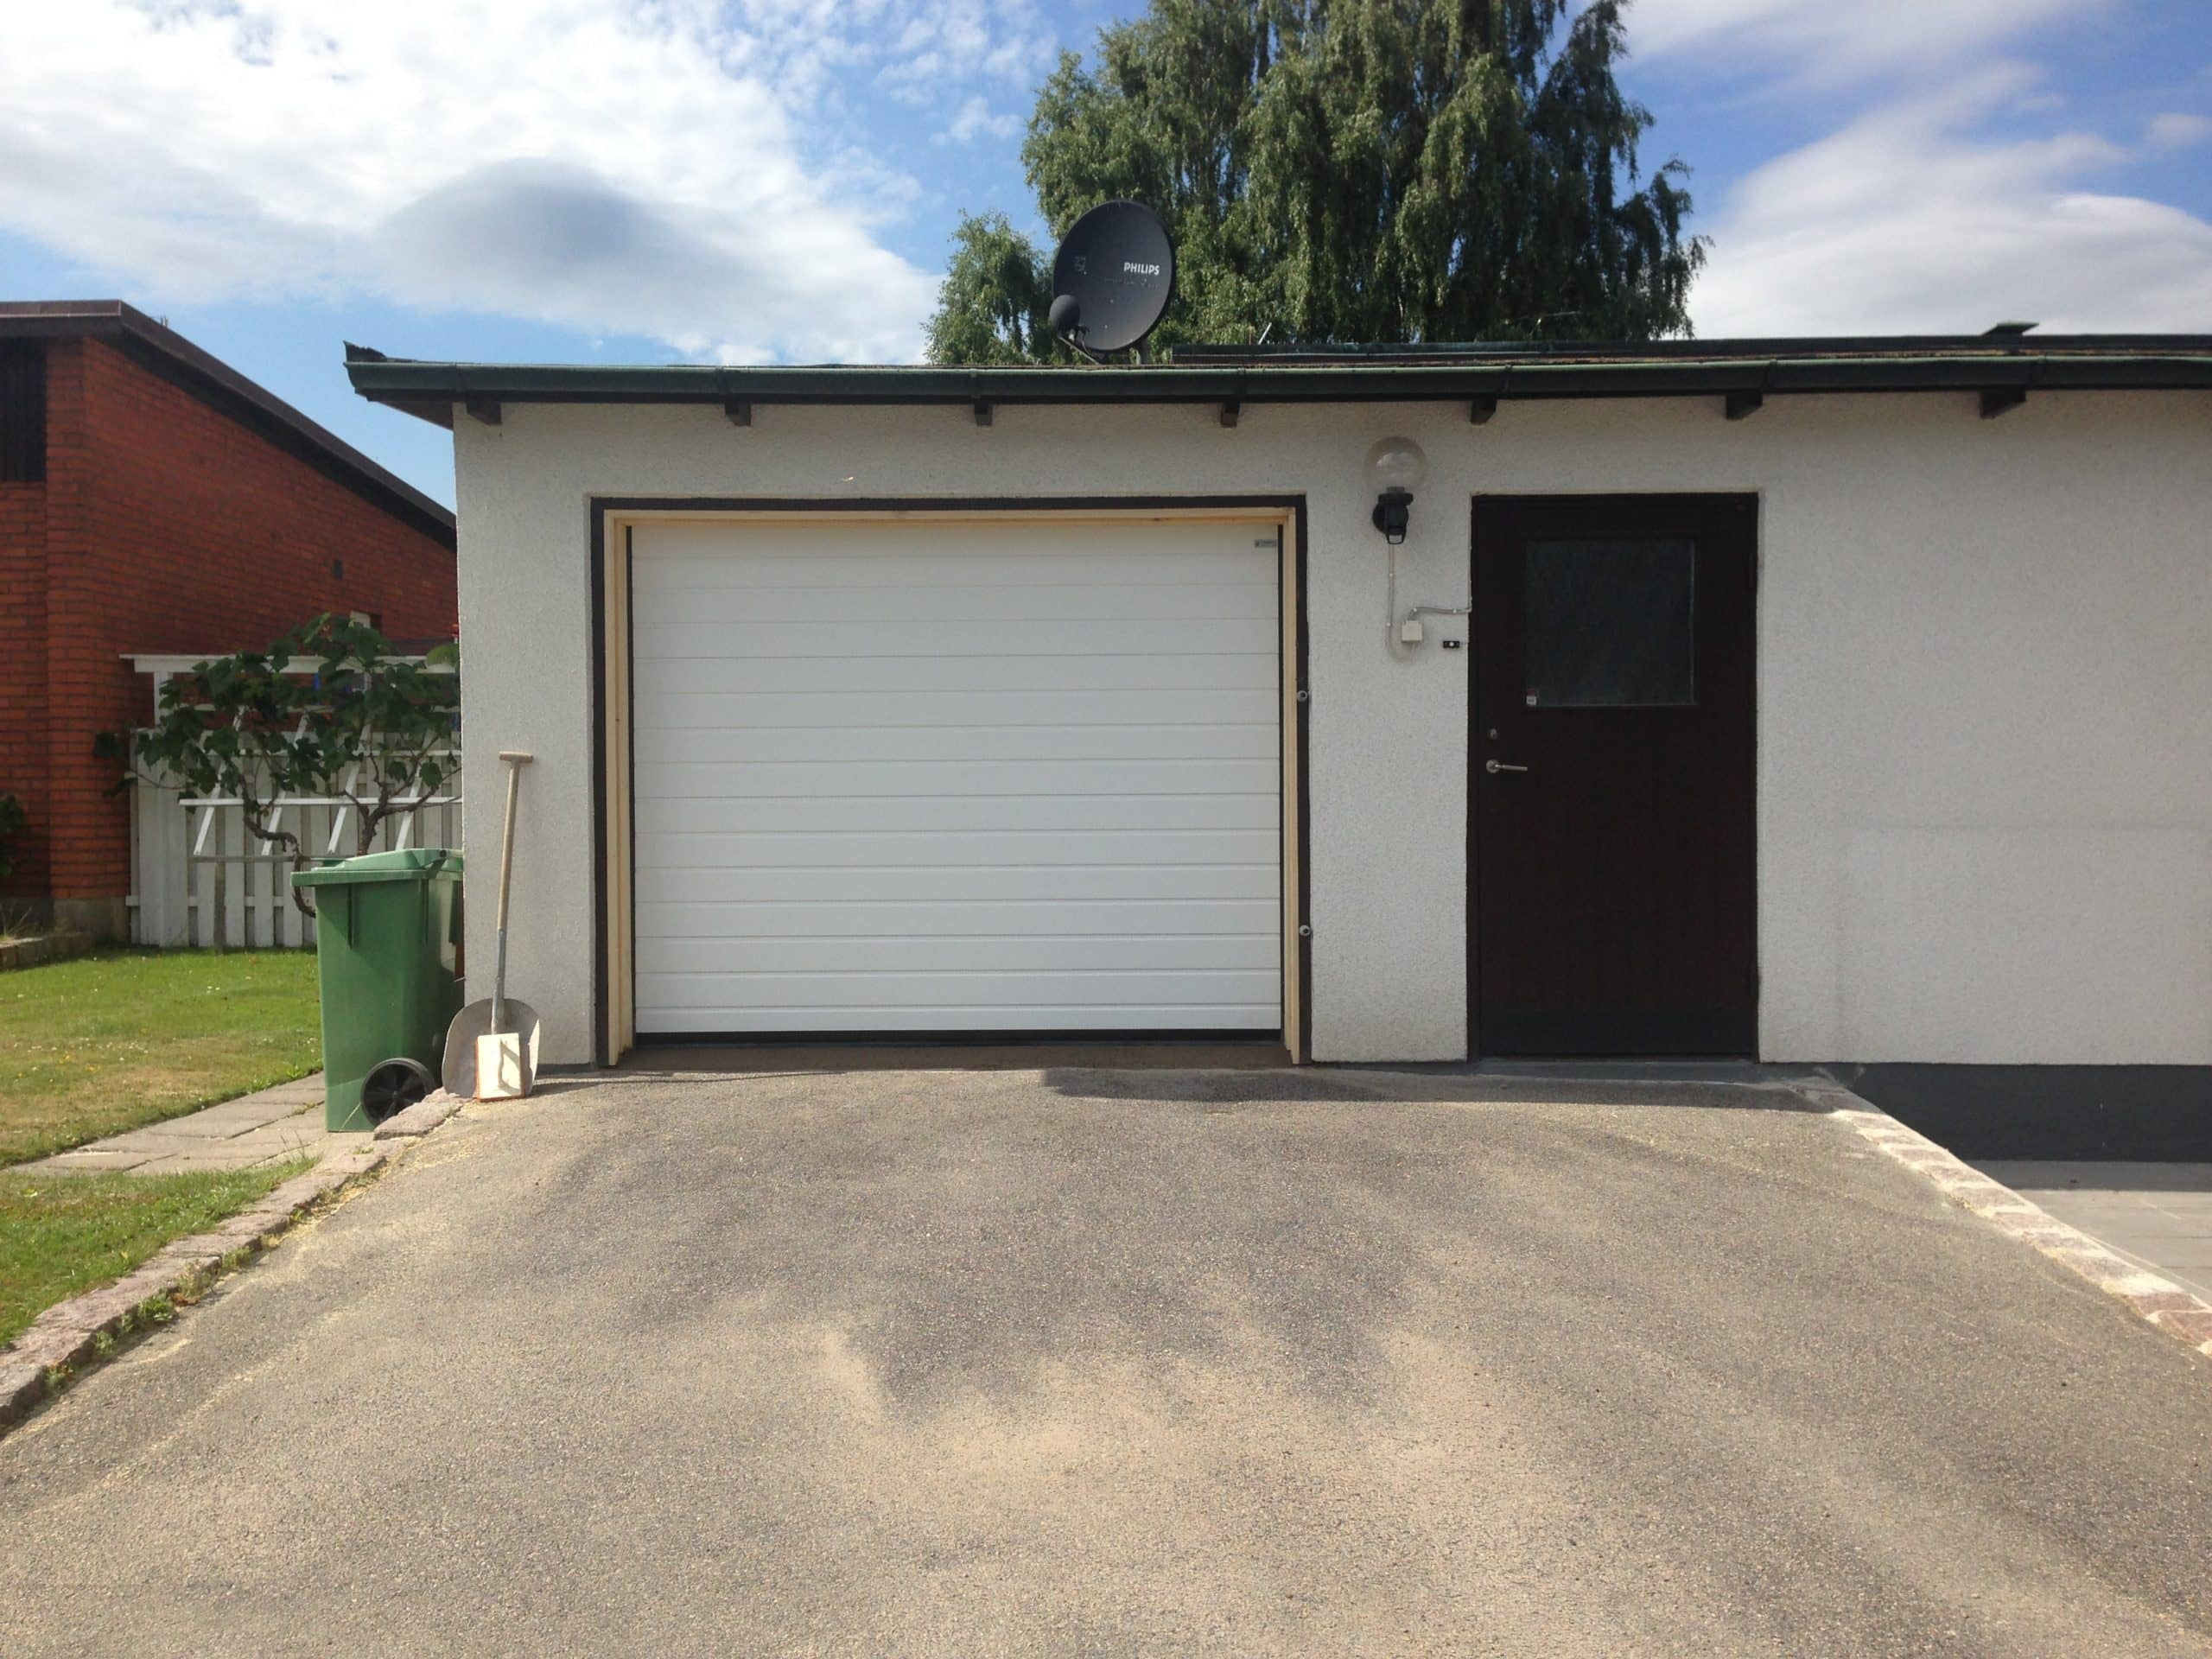 garageport sommar scaled Sunsafe https://sunsafe.se/produkter/garageportar/